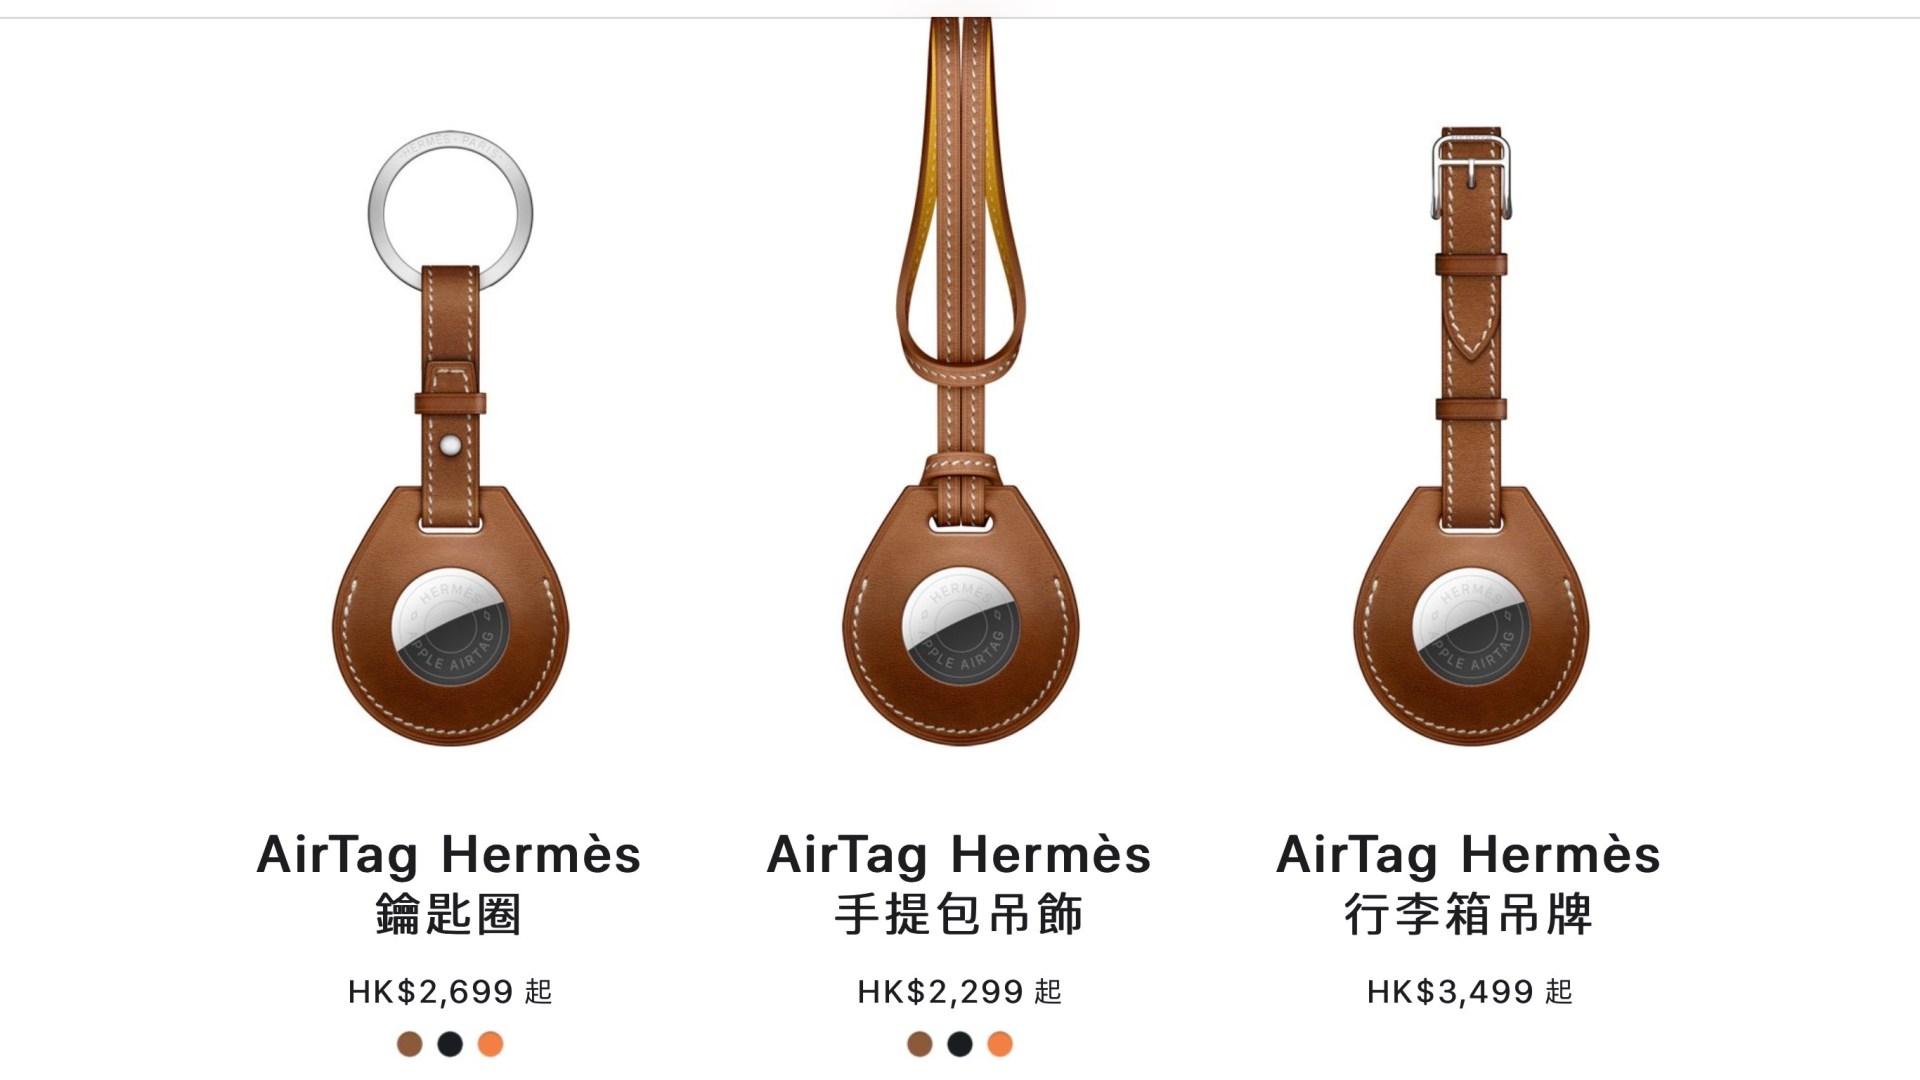 AirTagHermes-Apple()